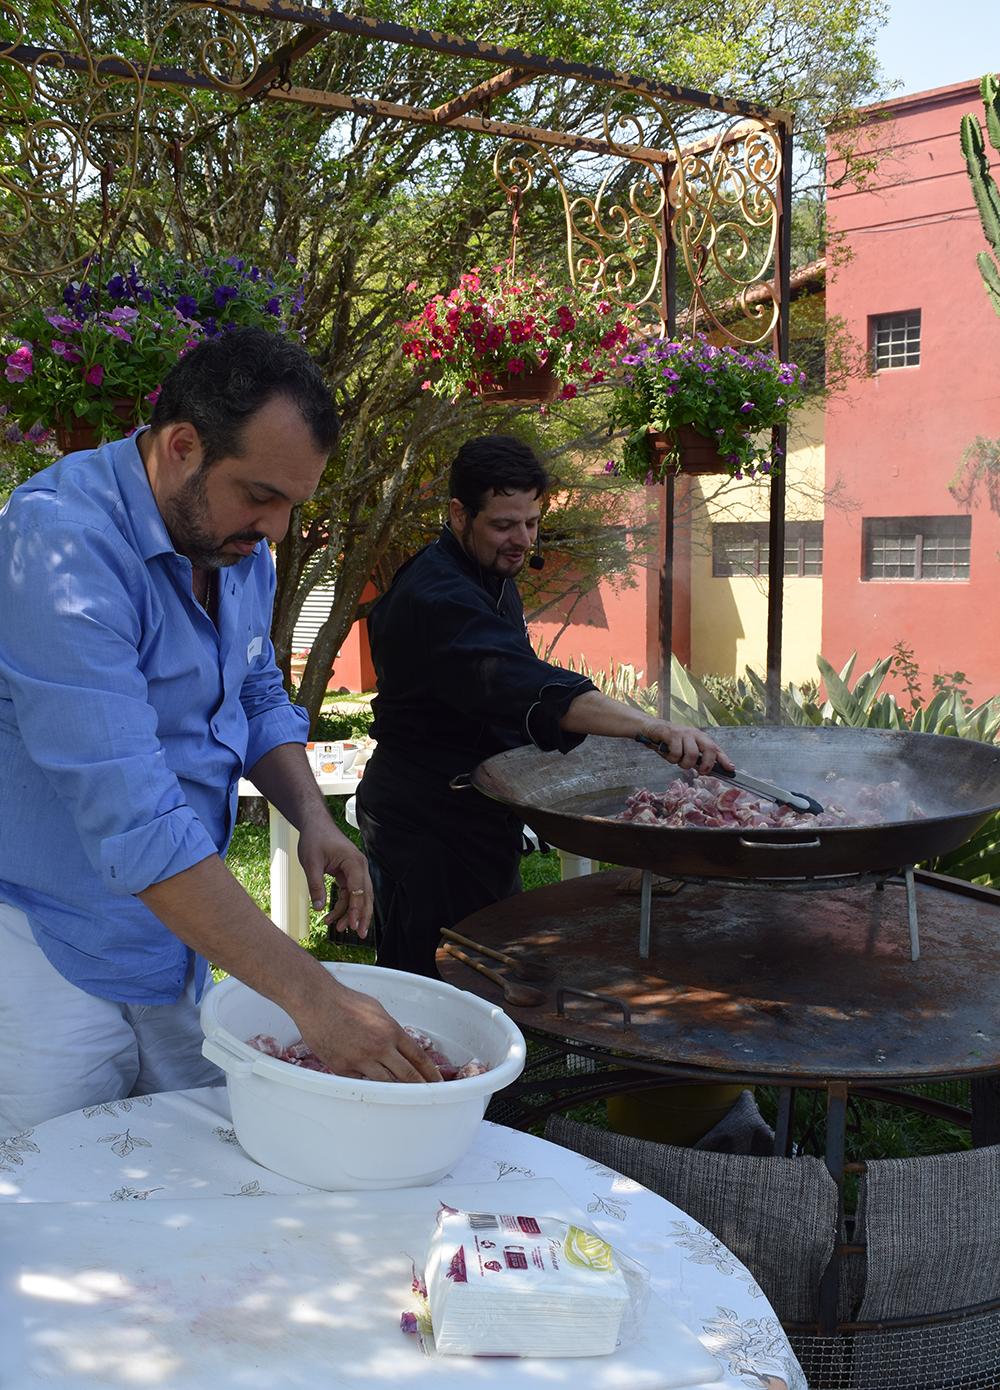 O grupo foi convidado a participar do preparo do almoço – uma paella mineira.